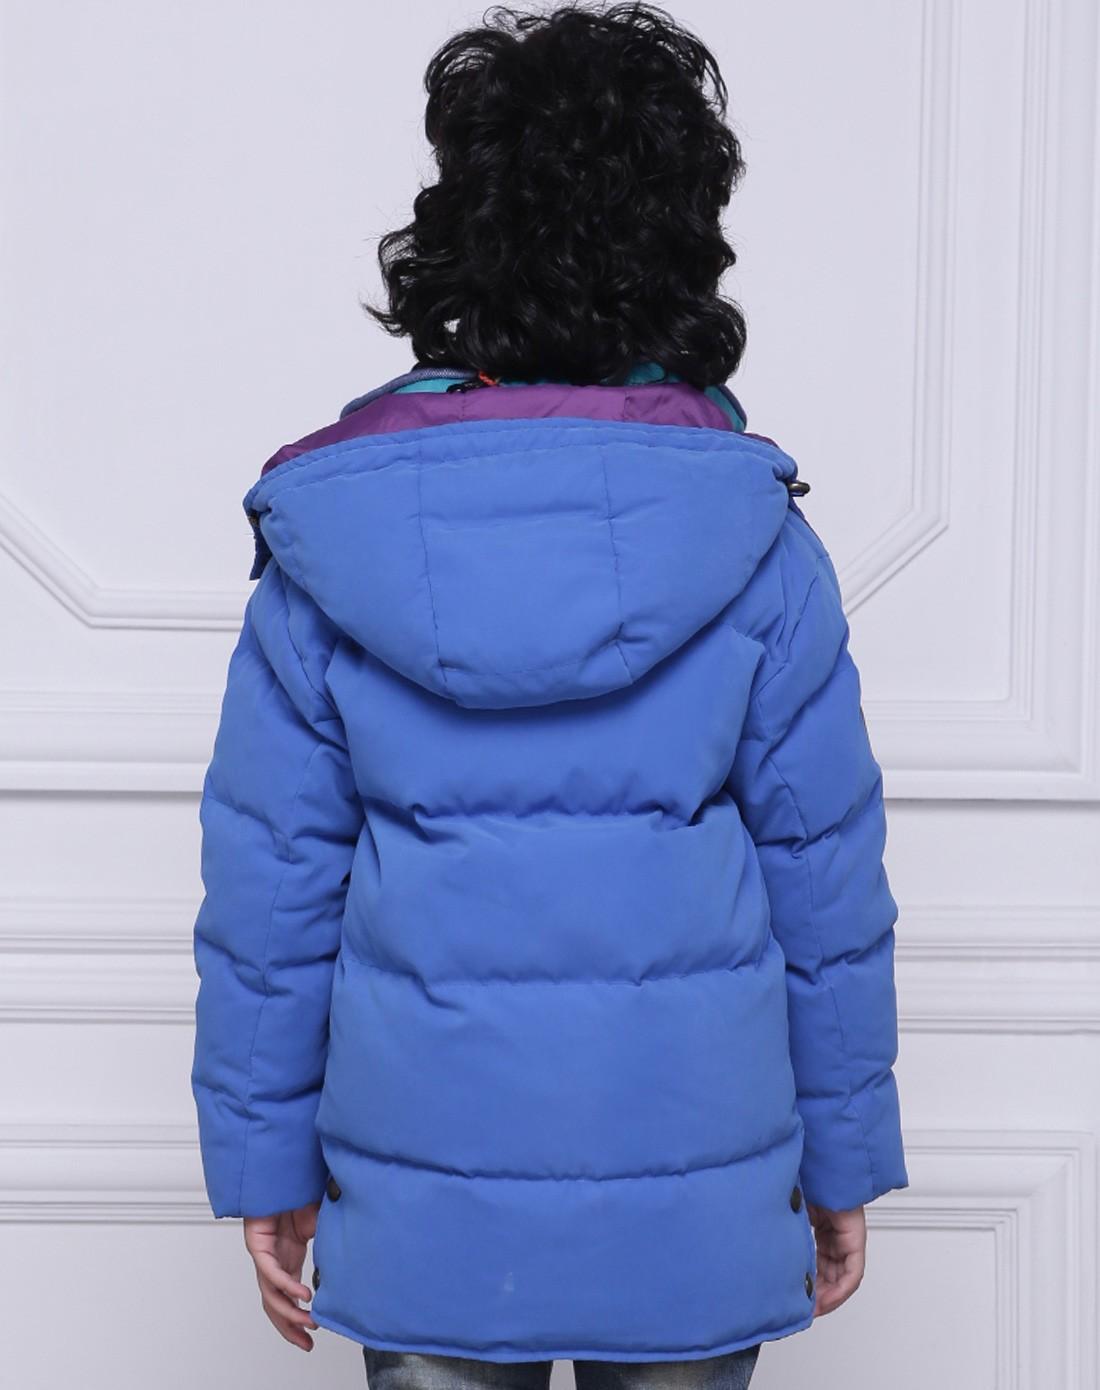 男童蓝色休闲羽绒服